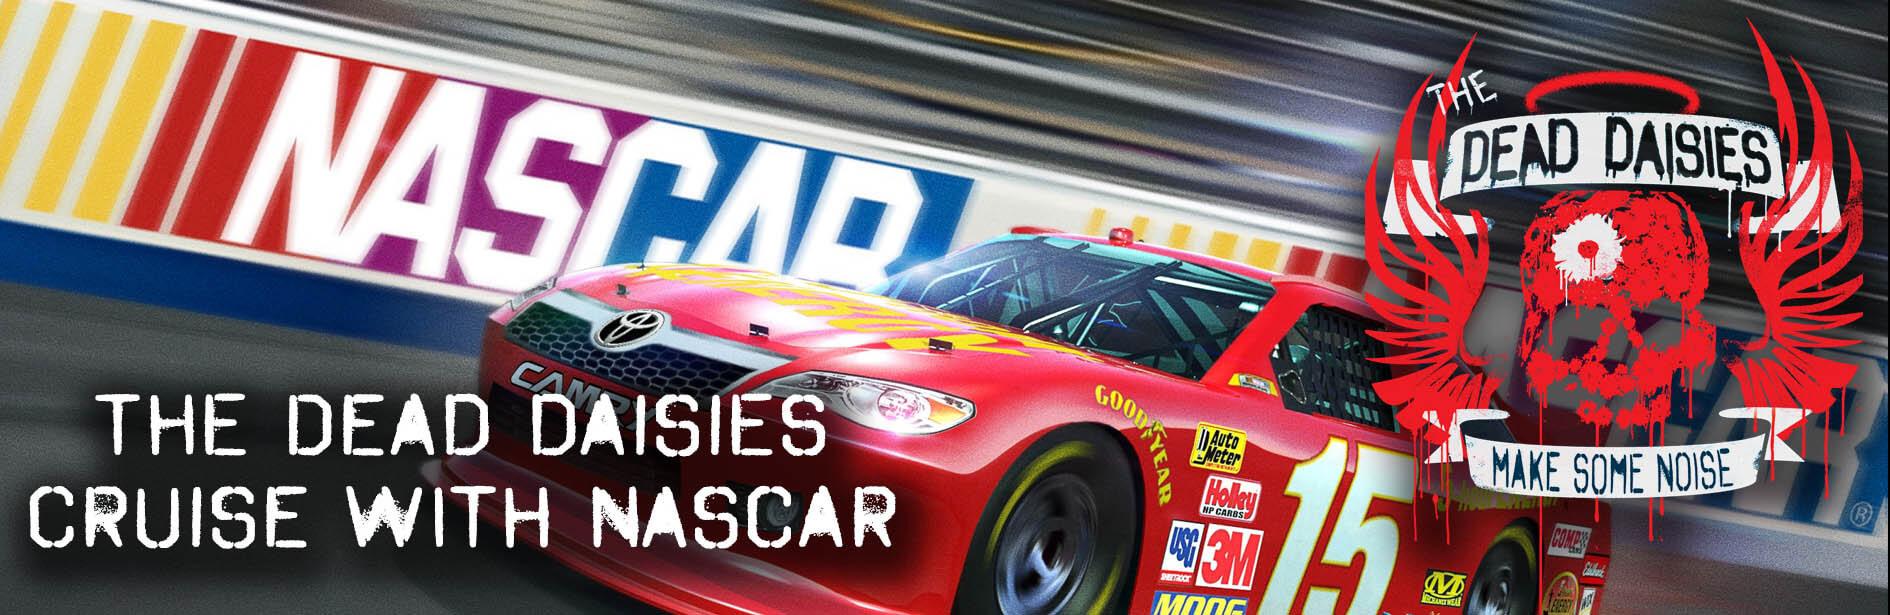 TDD-NASCAR-smallweb-banner1